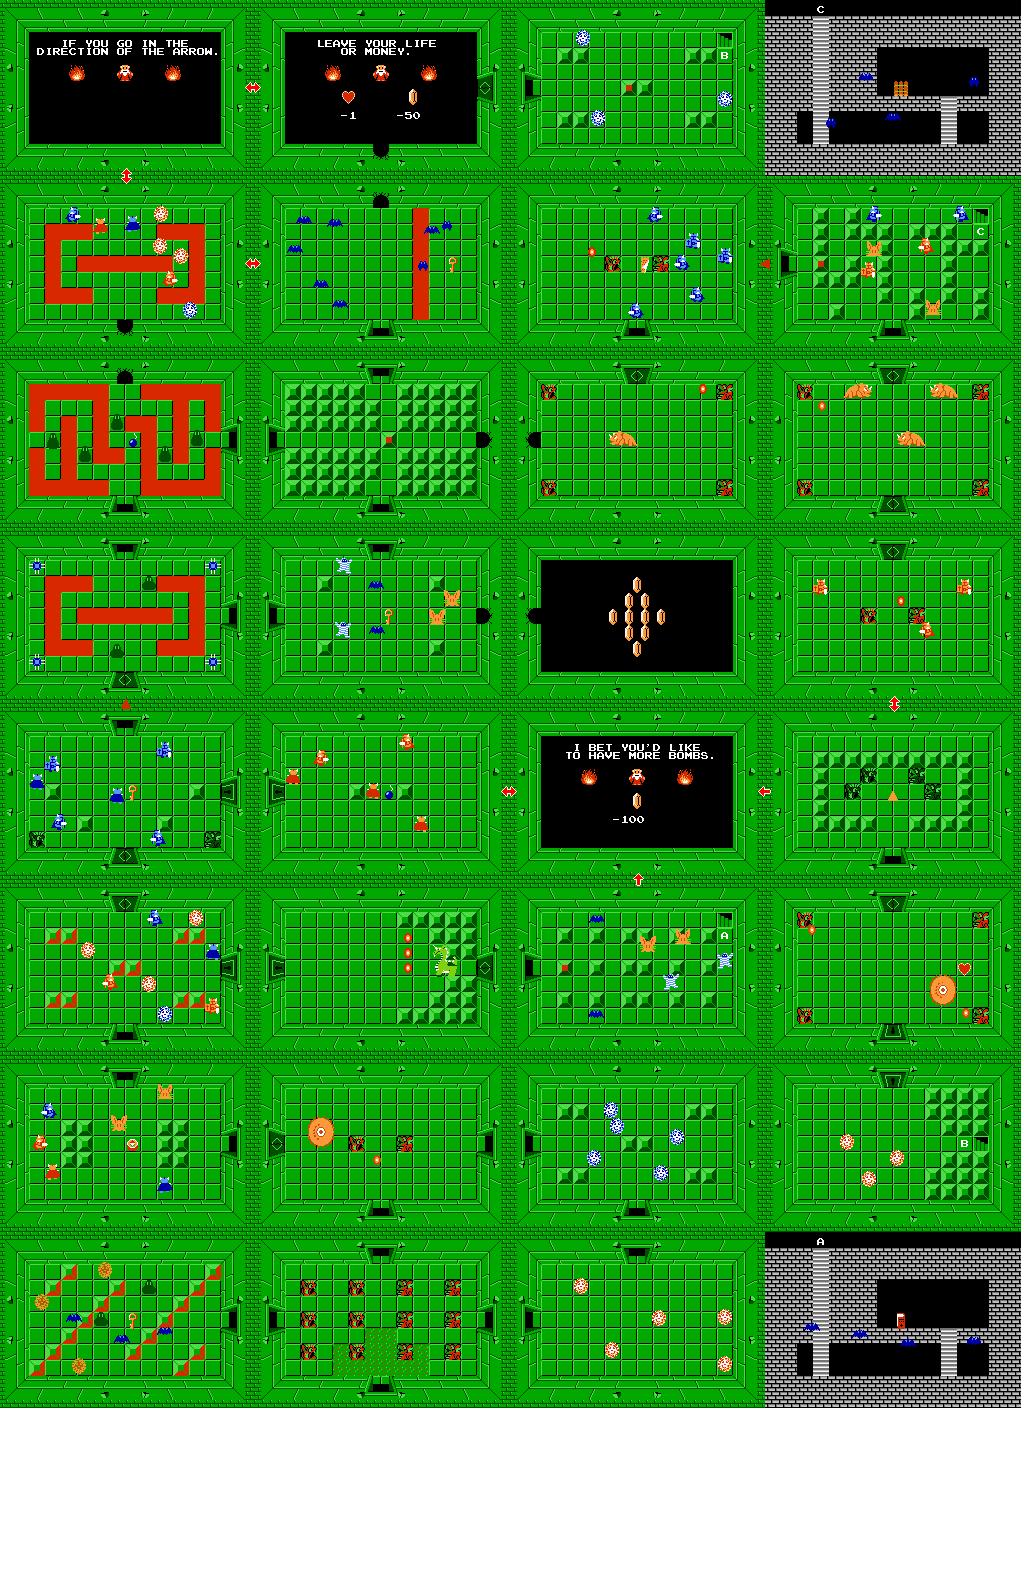 Legend Of Zelda Level 2 : legend, zelda, level, Level, (Second, Quest), Zeldapedia, Fandom